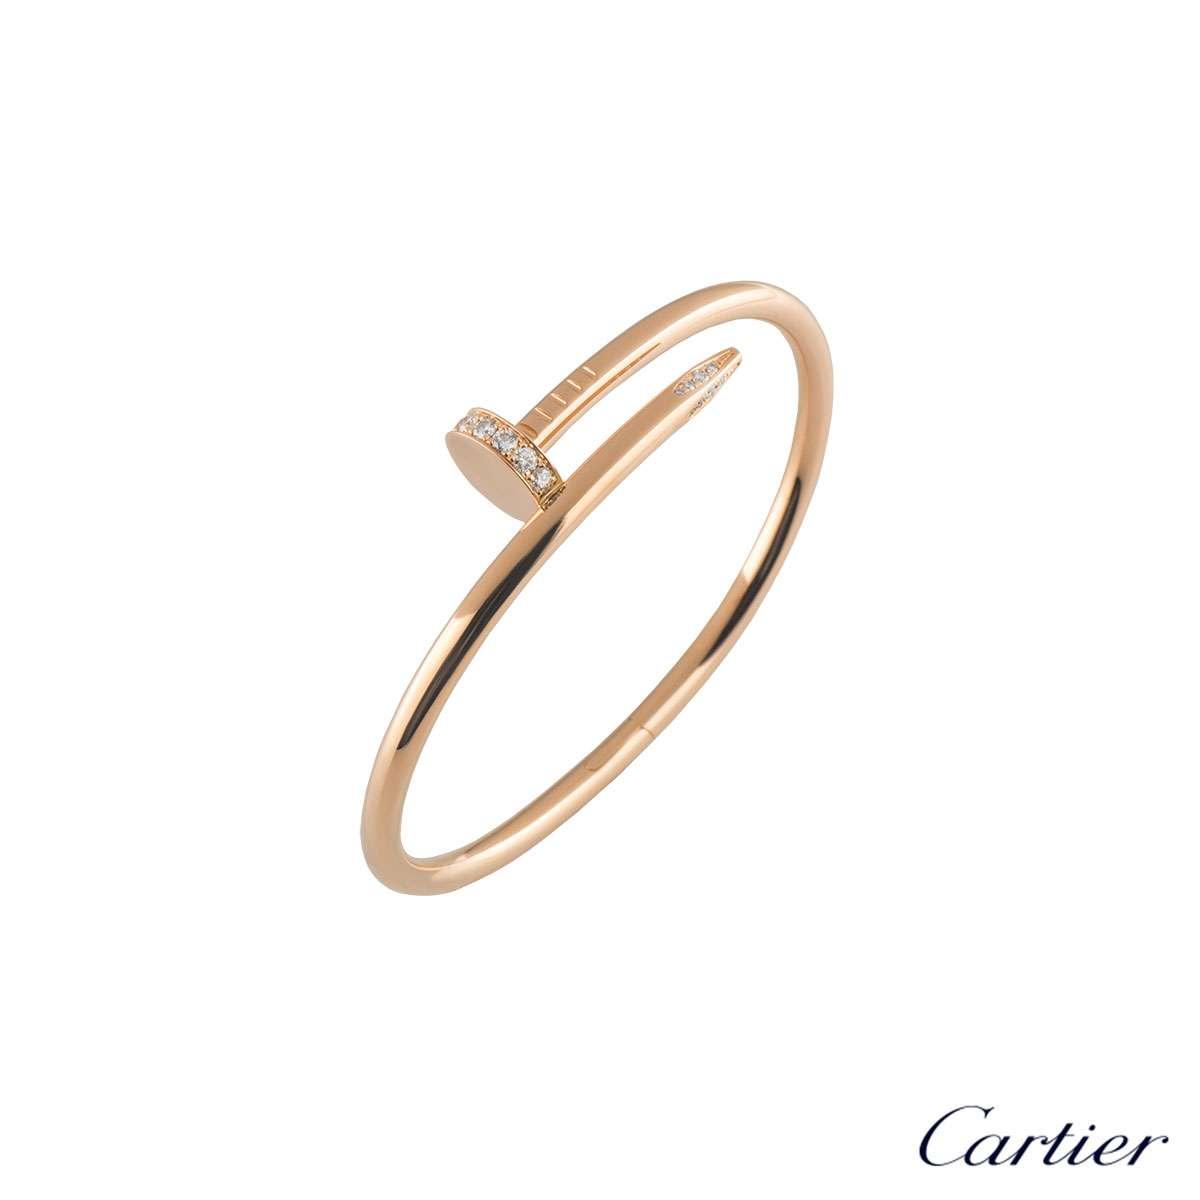 CartierRose Gold Diamond Juste Un Clou Bracelet Size 16B6039016